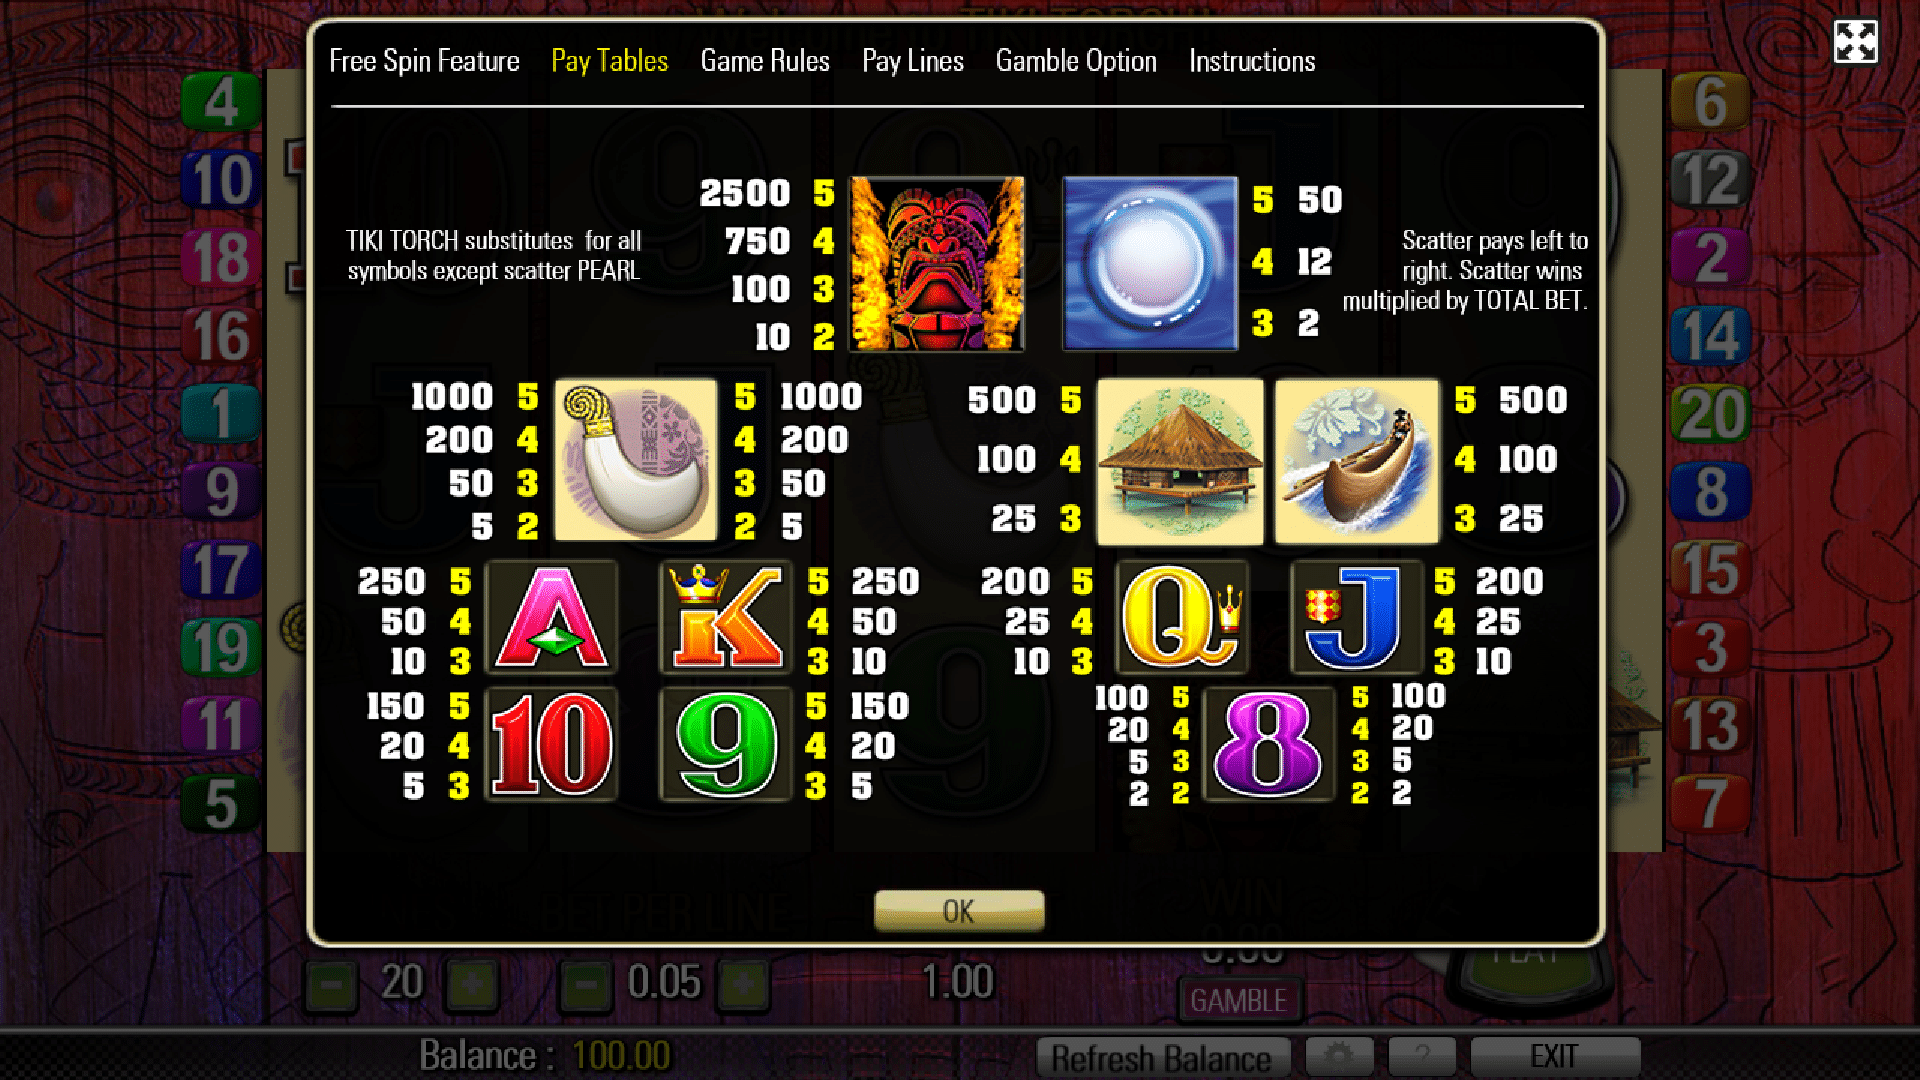 Tabella Pagamenti Slot Gratis Tiki Torch